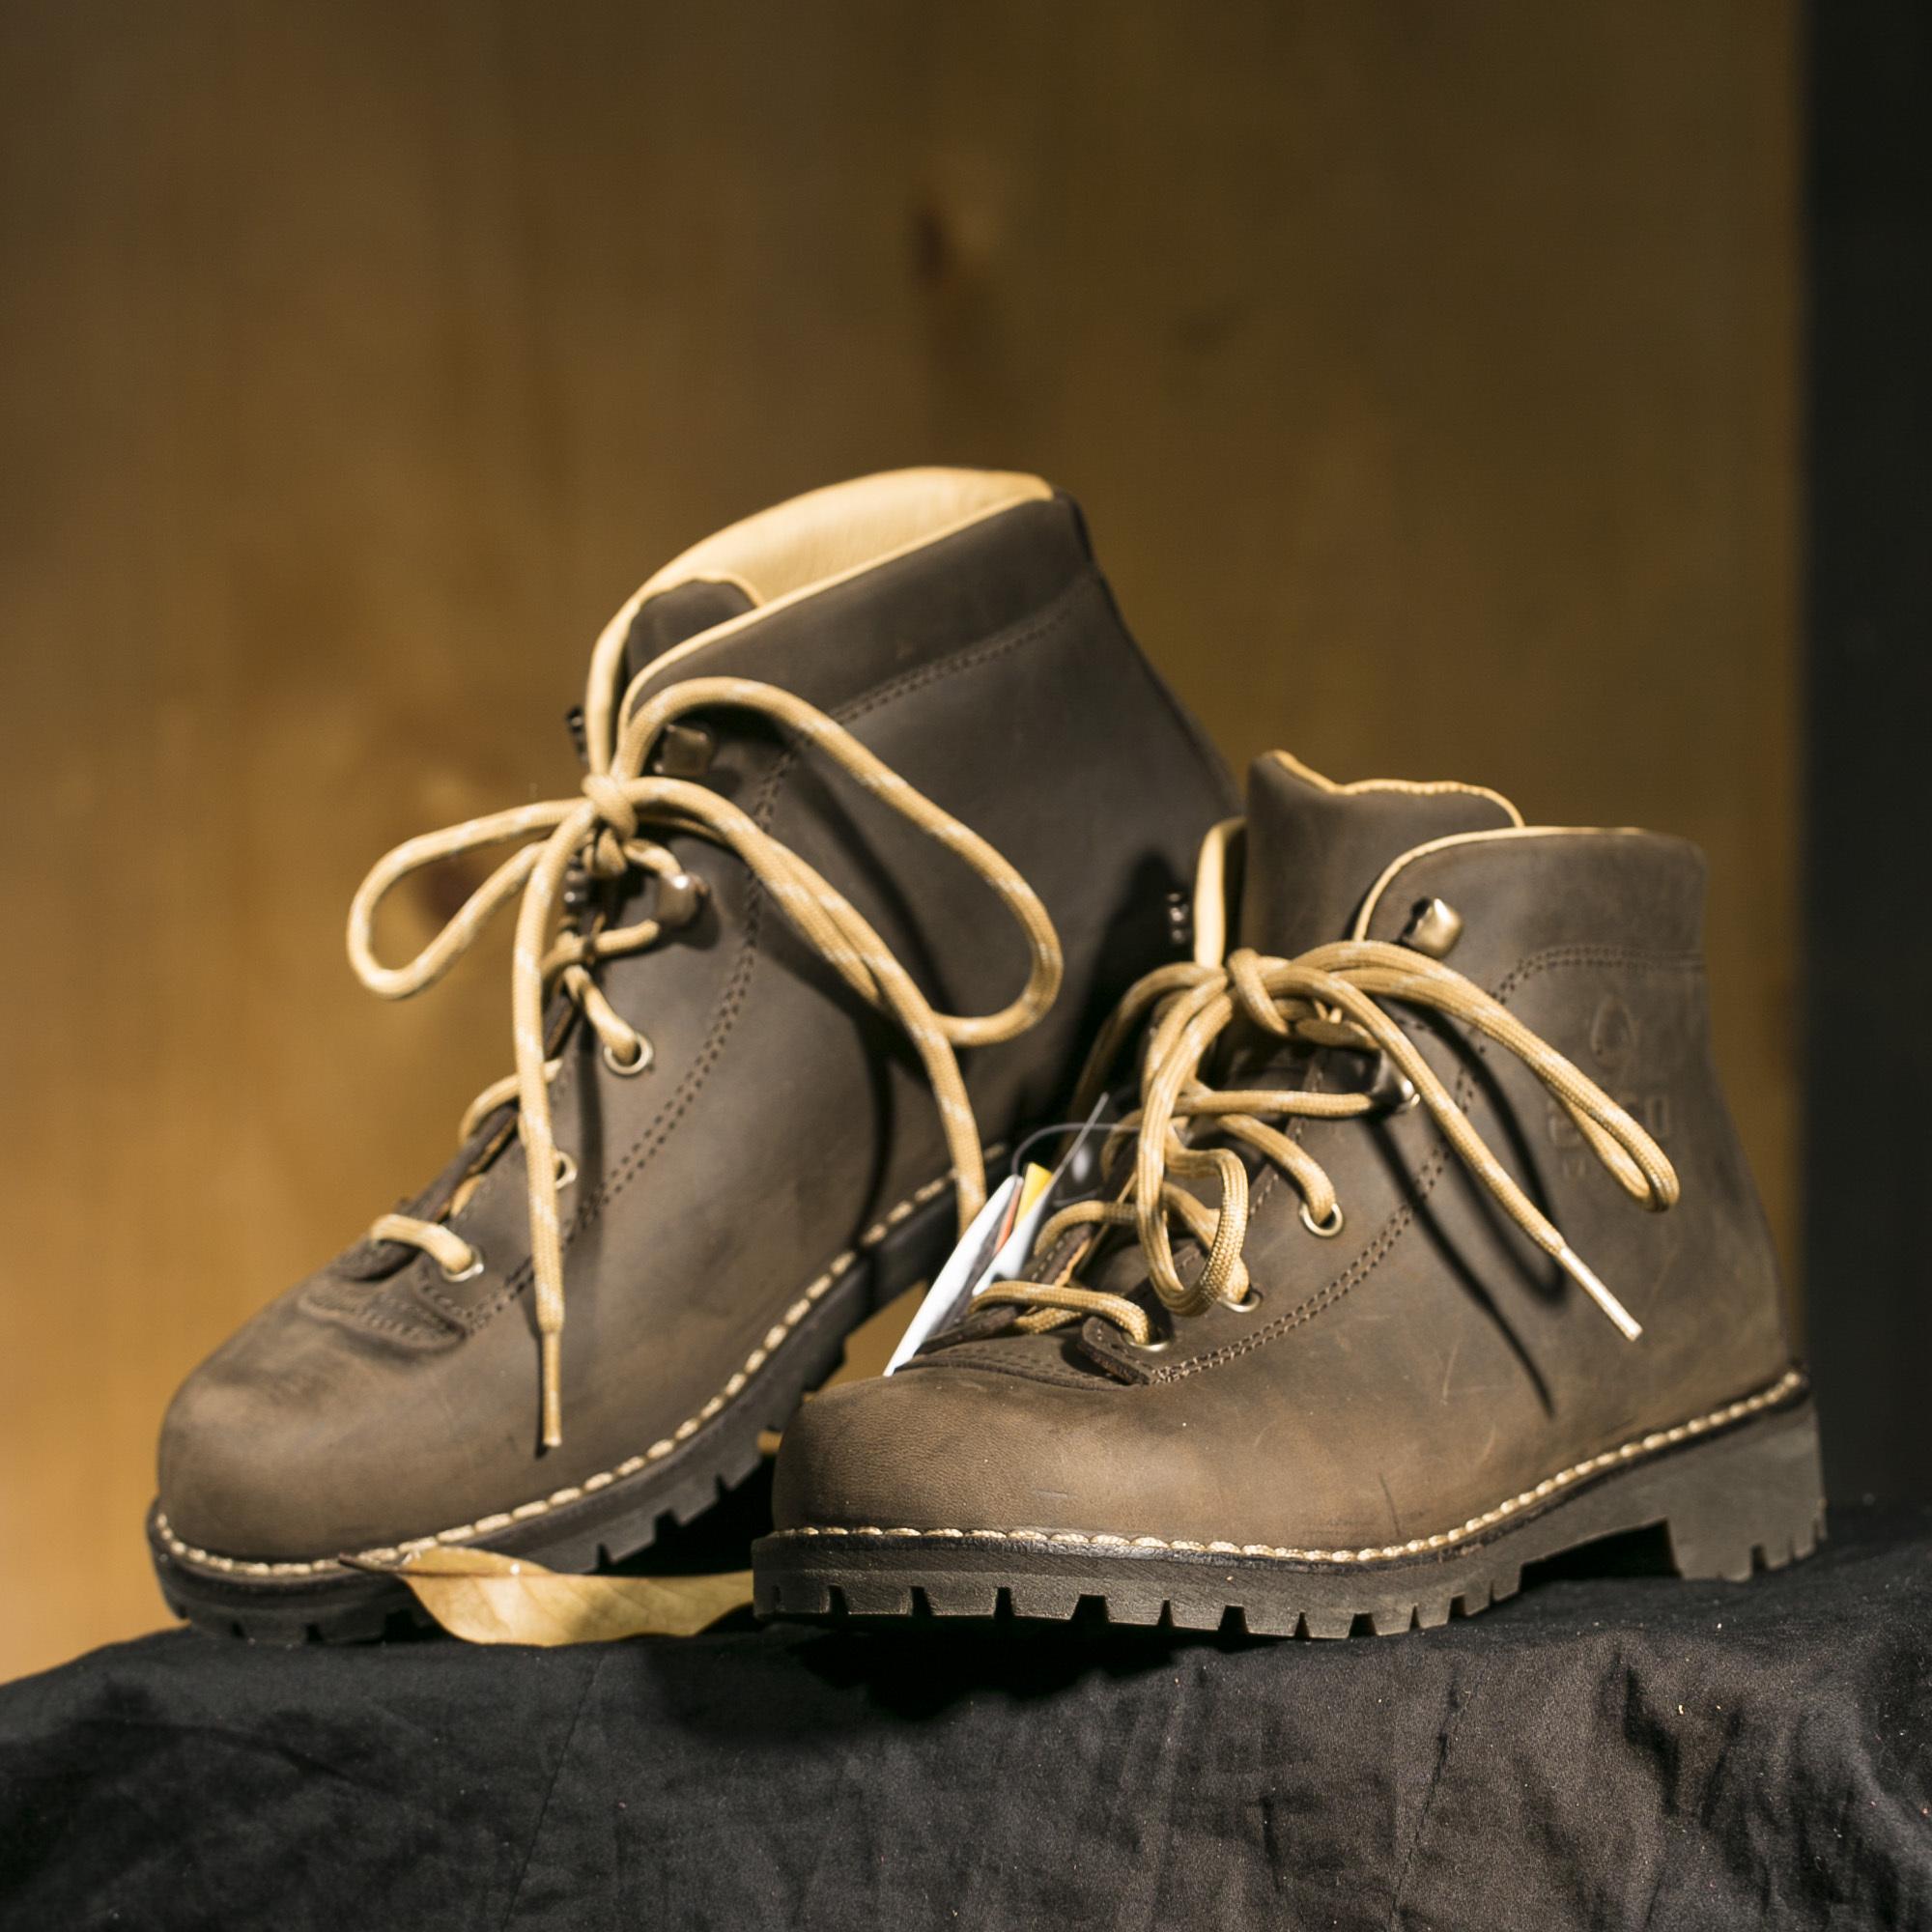 意大利原产alico 阿里克专业户外BELLUNO司战之神耐磨鞋女士 深棕色 37.5